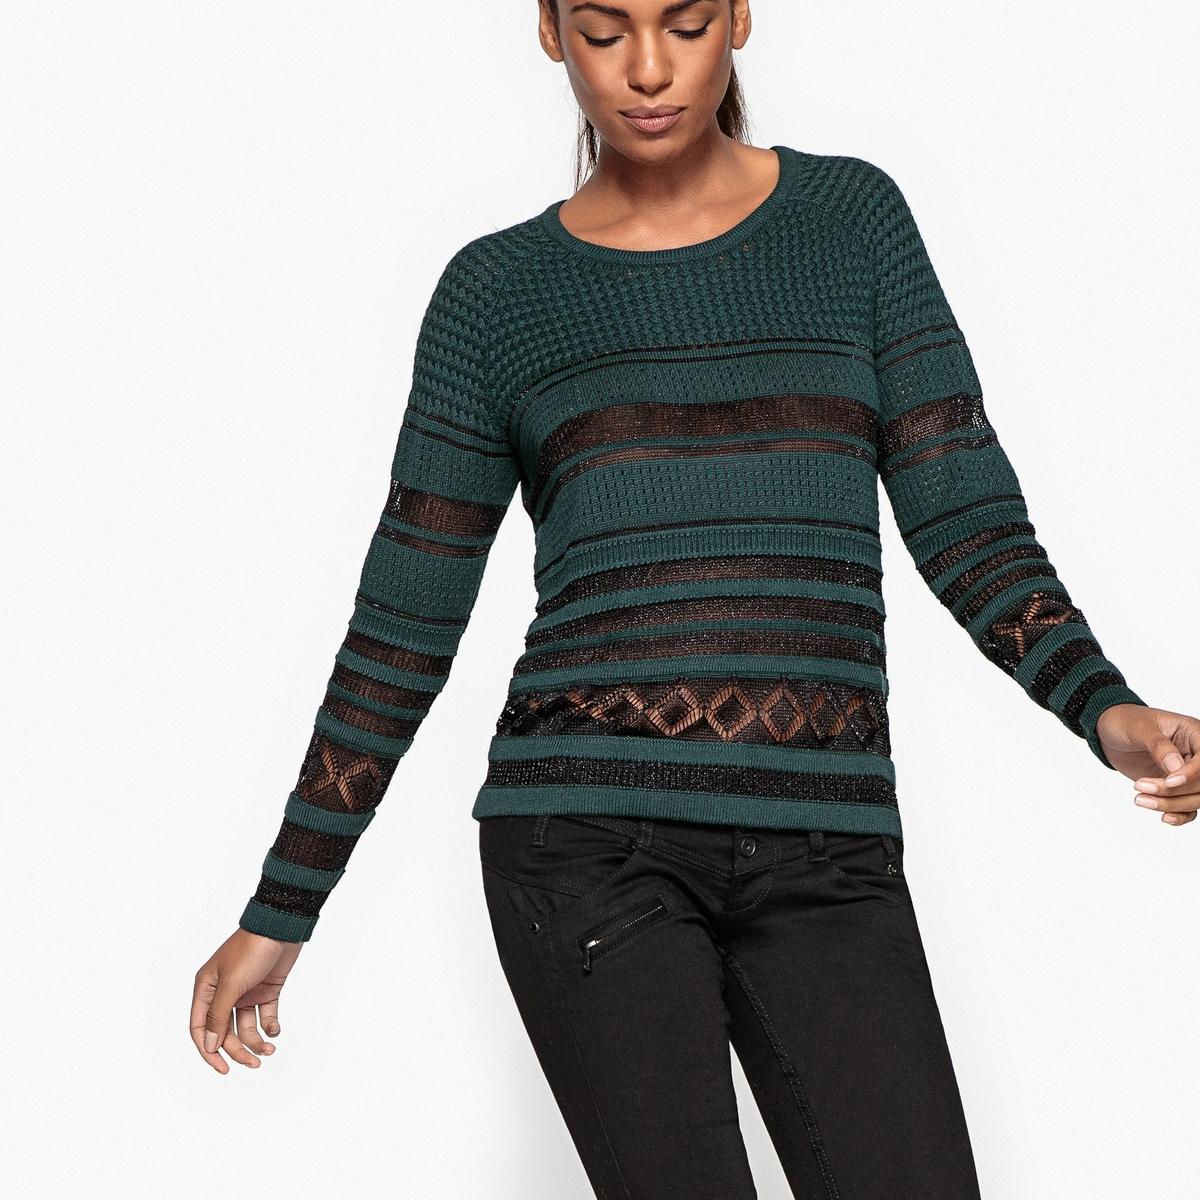 Пуловер с круглым вырезом из тонкого трикотажаДетали •  Длинные рукава •  Круглый вырез •  Тонкий трикотаж Состав и уход •  20% шерсти, 80% хлопка •  Следуйте советам по уходу, указанным на этикетке<br><br>Цвет: темно-зеленый<br>Размер: XL